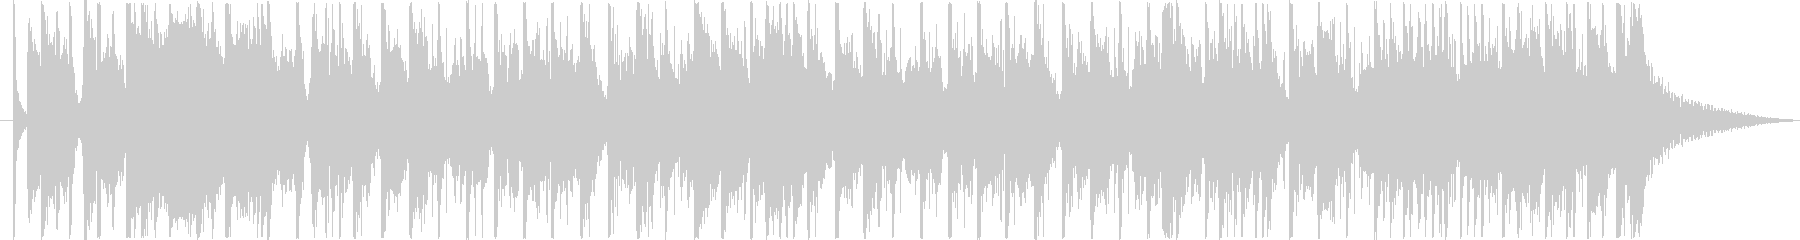 コーナータイトル_情報番組30秒Bの未再生の波形